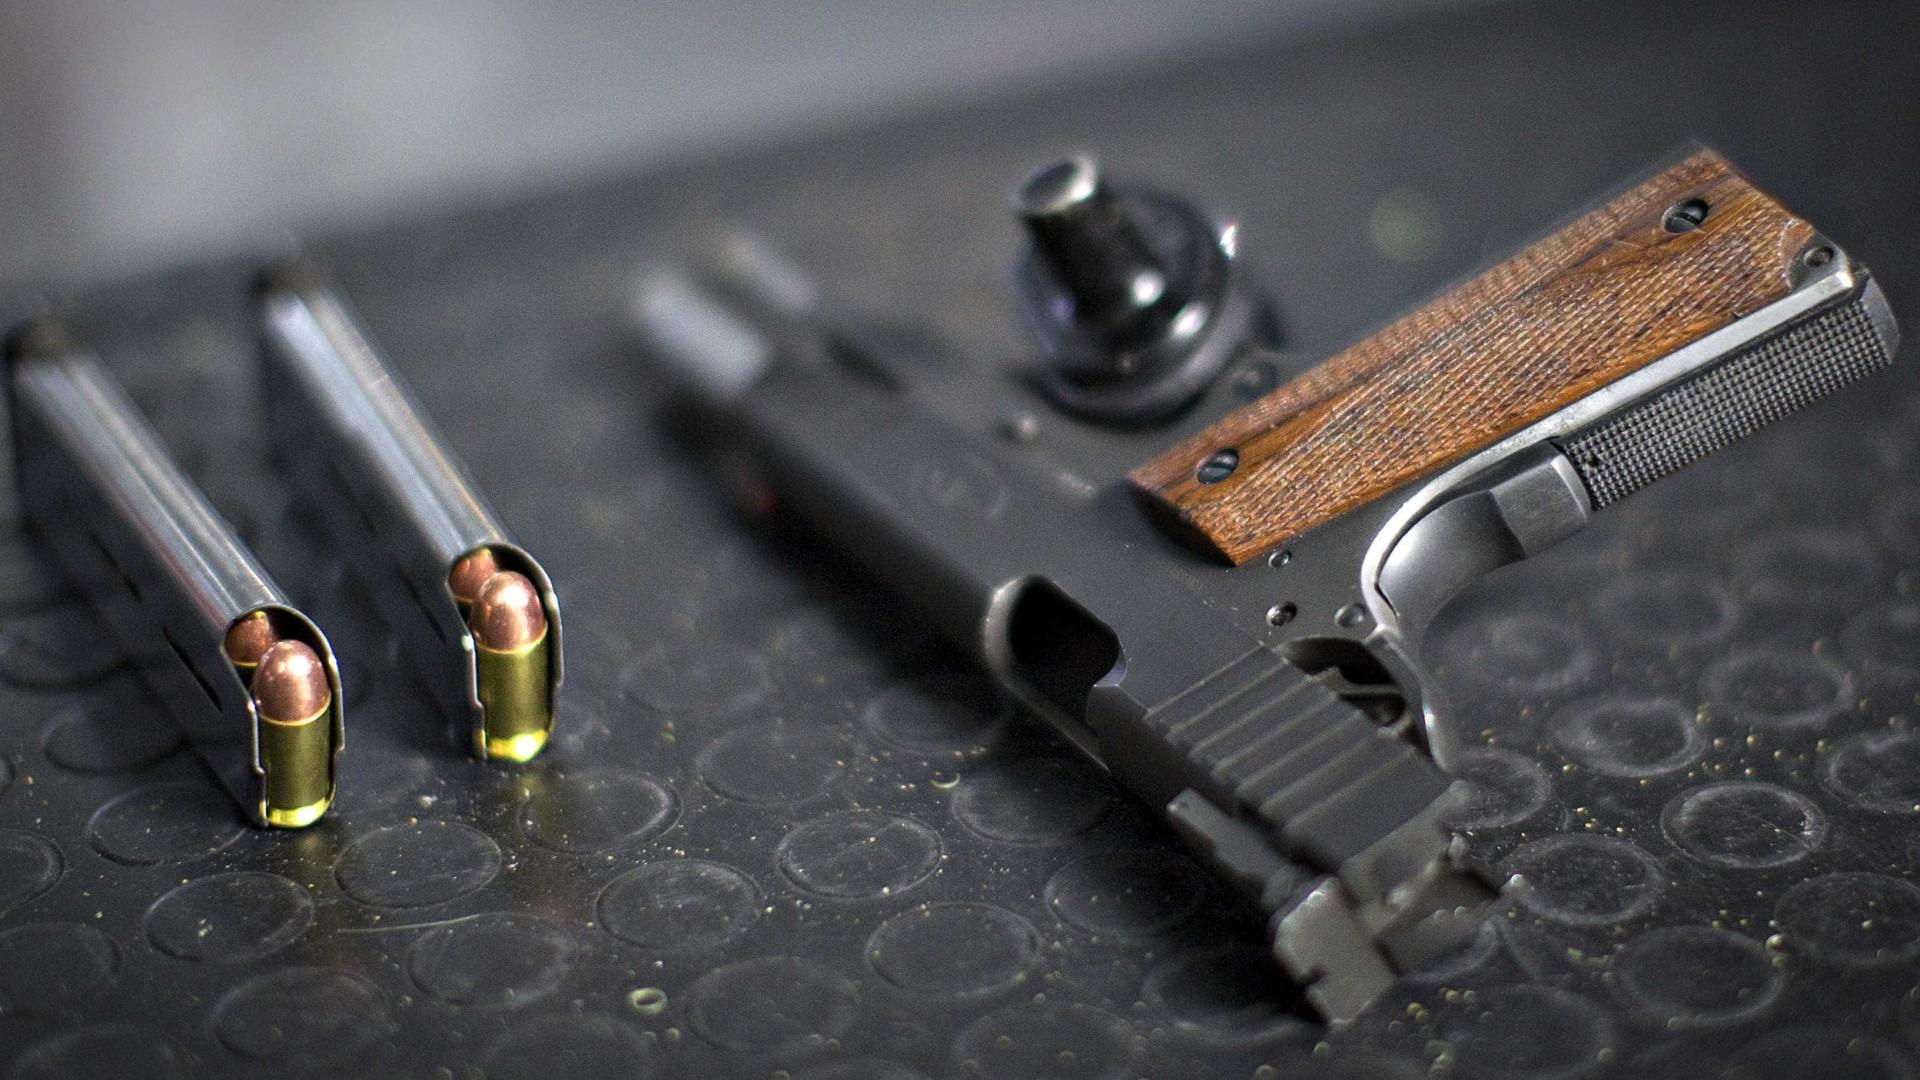 Jovem é baleado após sair de casa noturna em Campo Grande